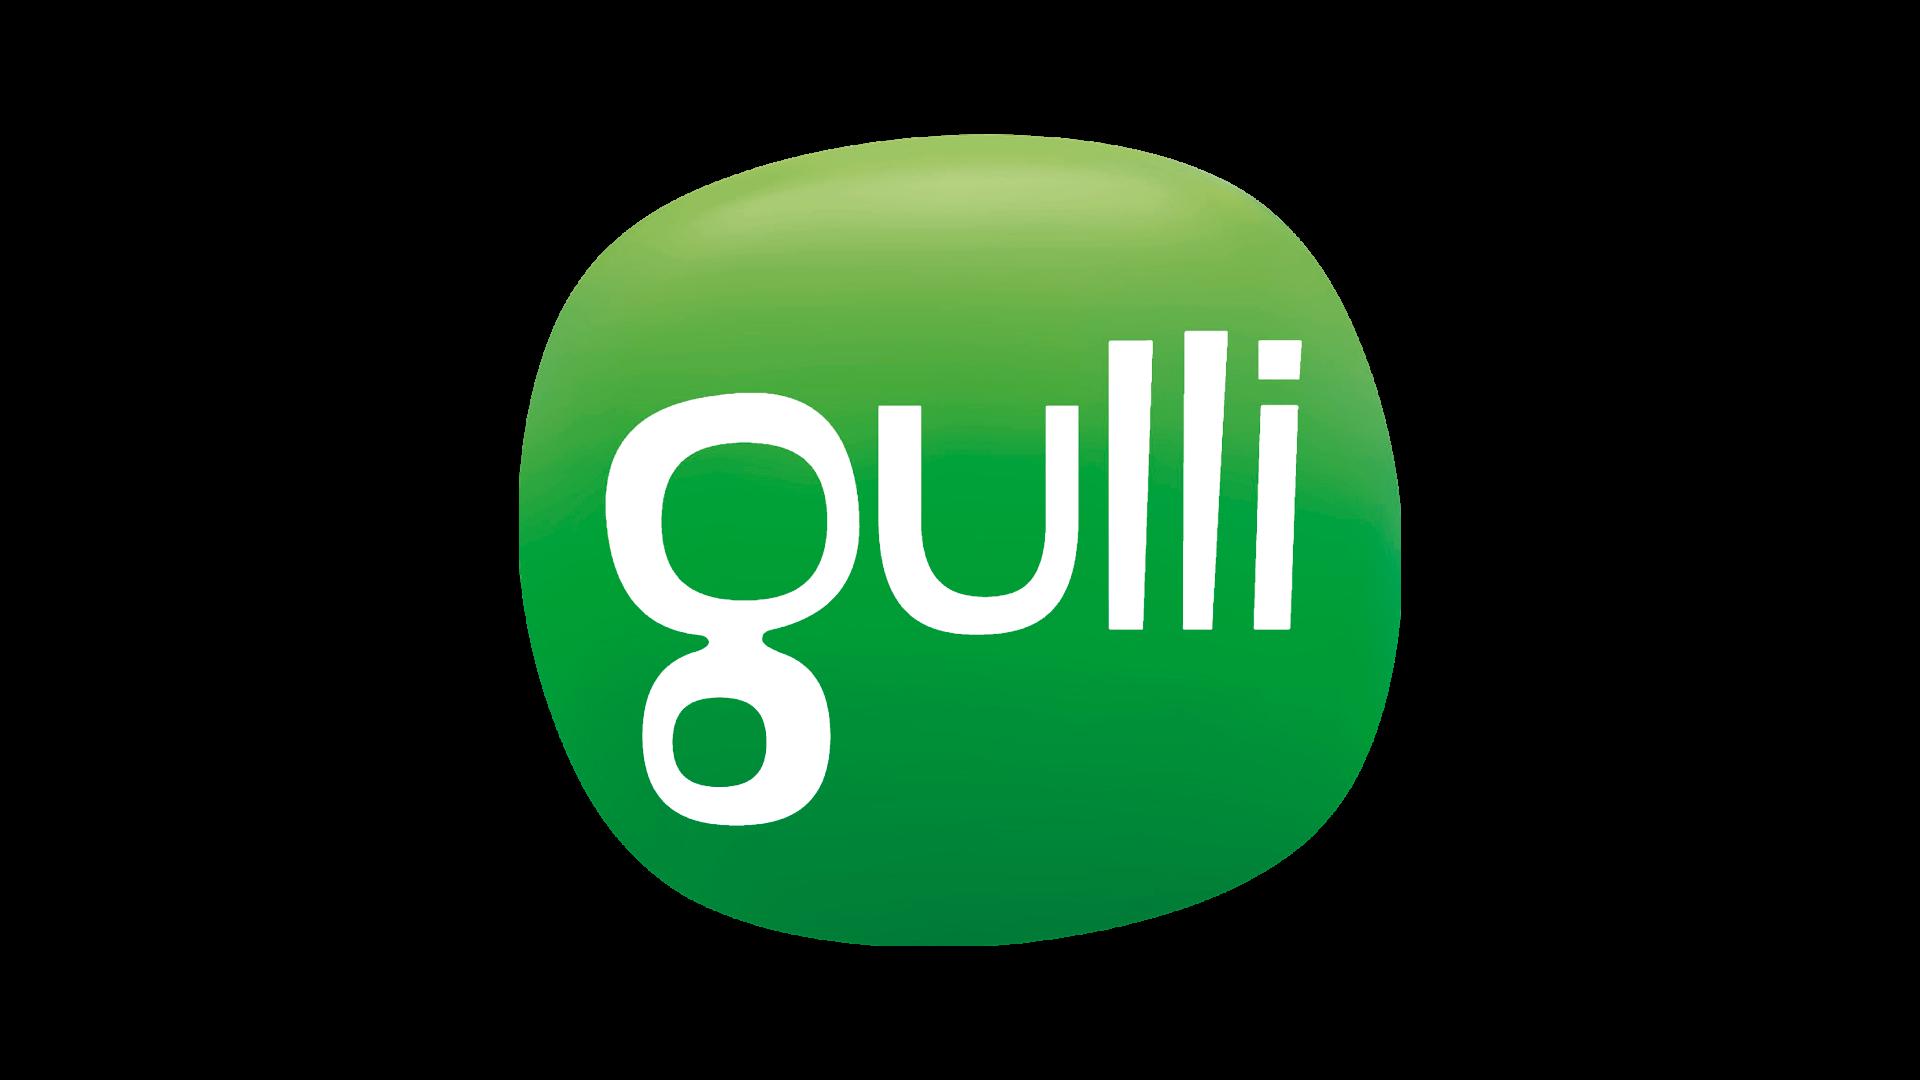 Gulli en direct, Online